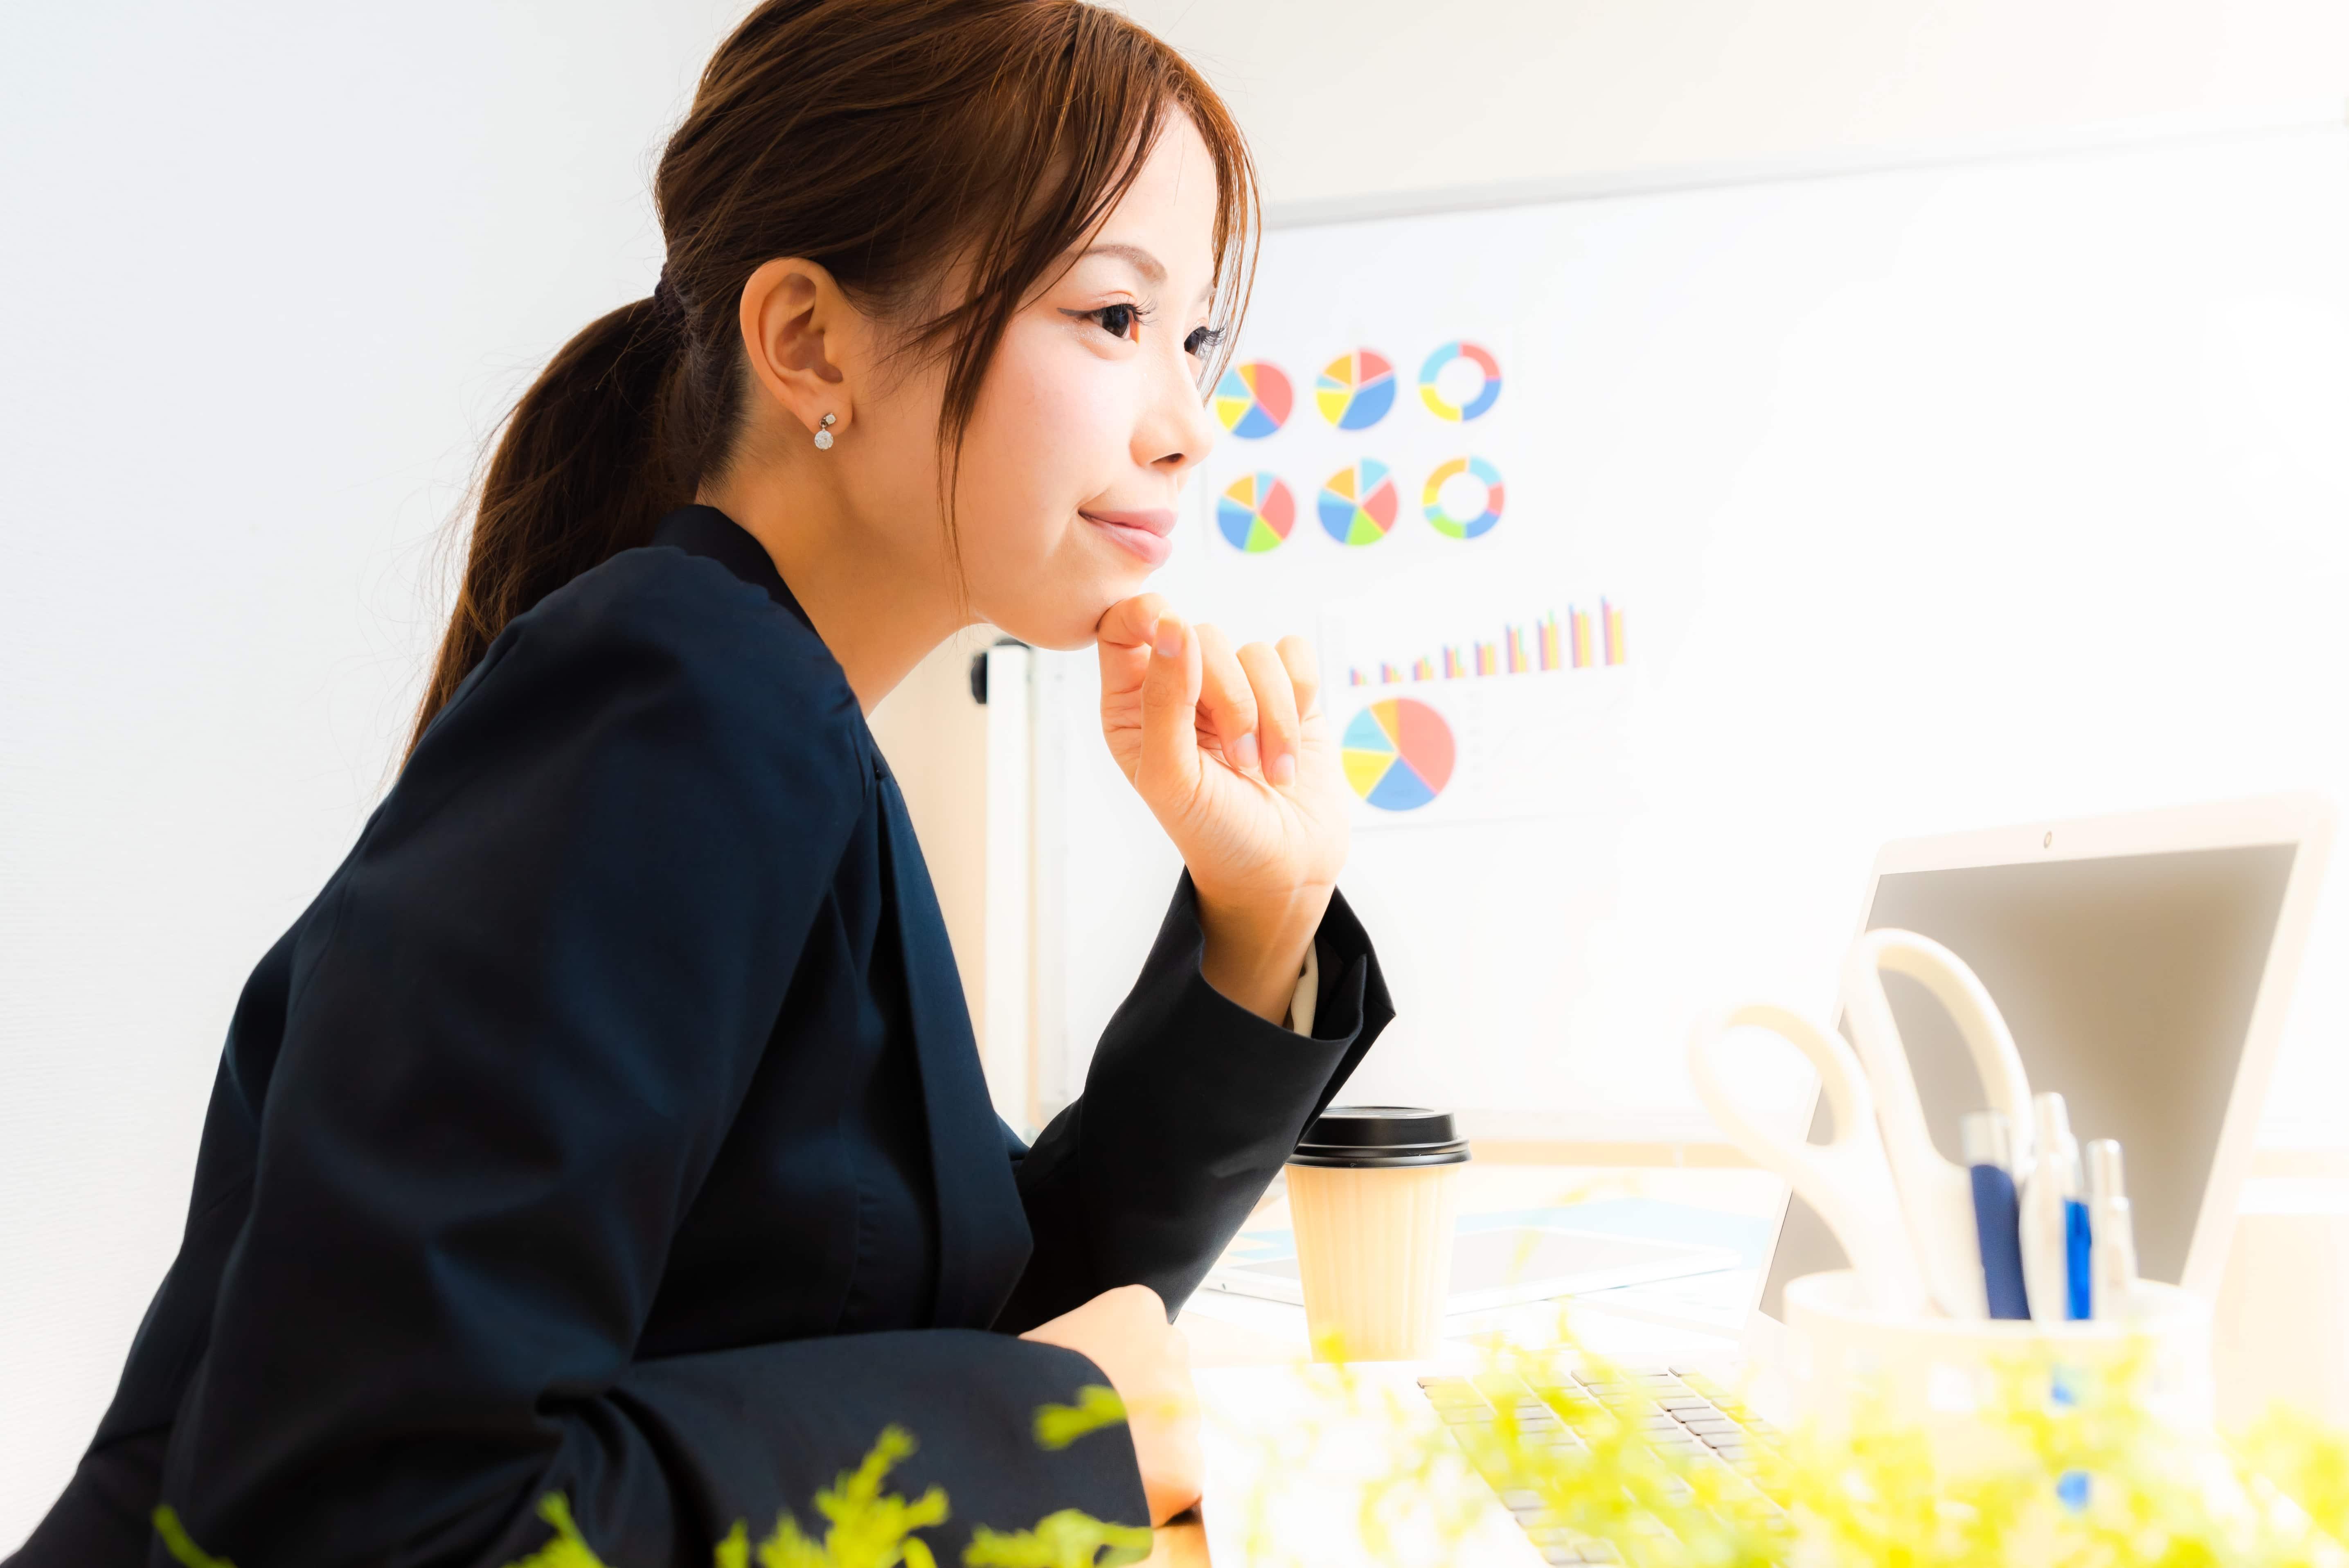 仕事で考え込む女性